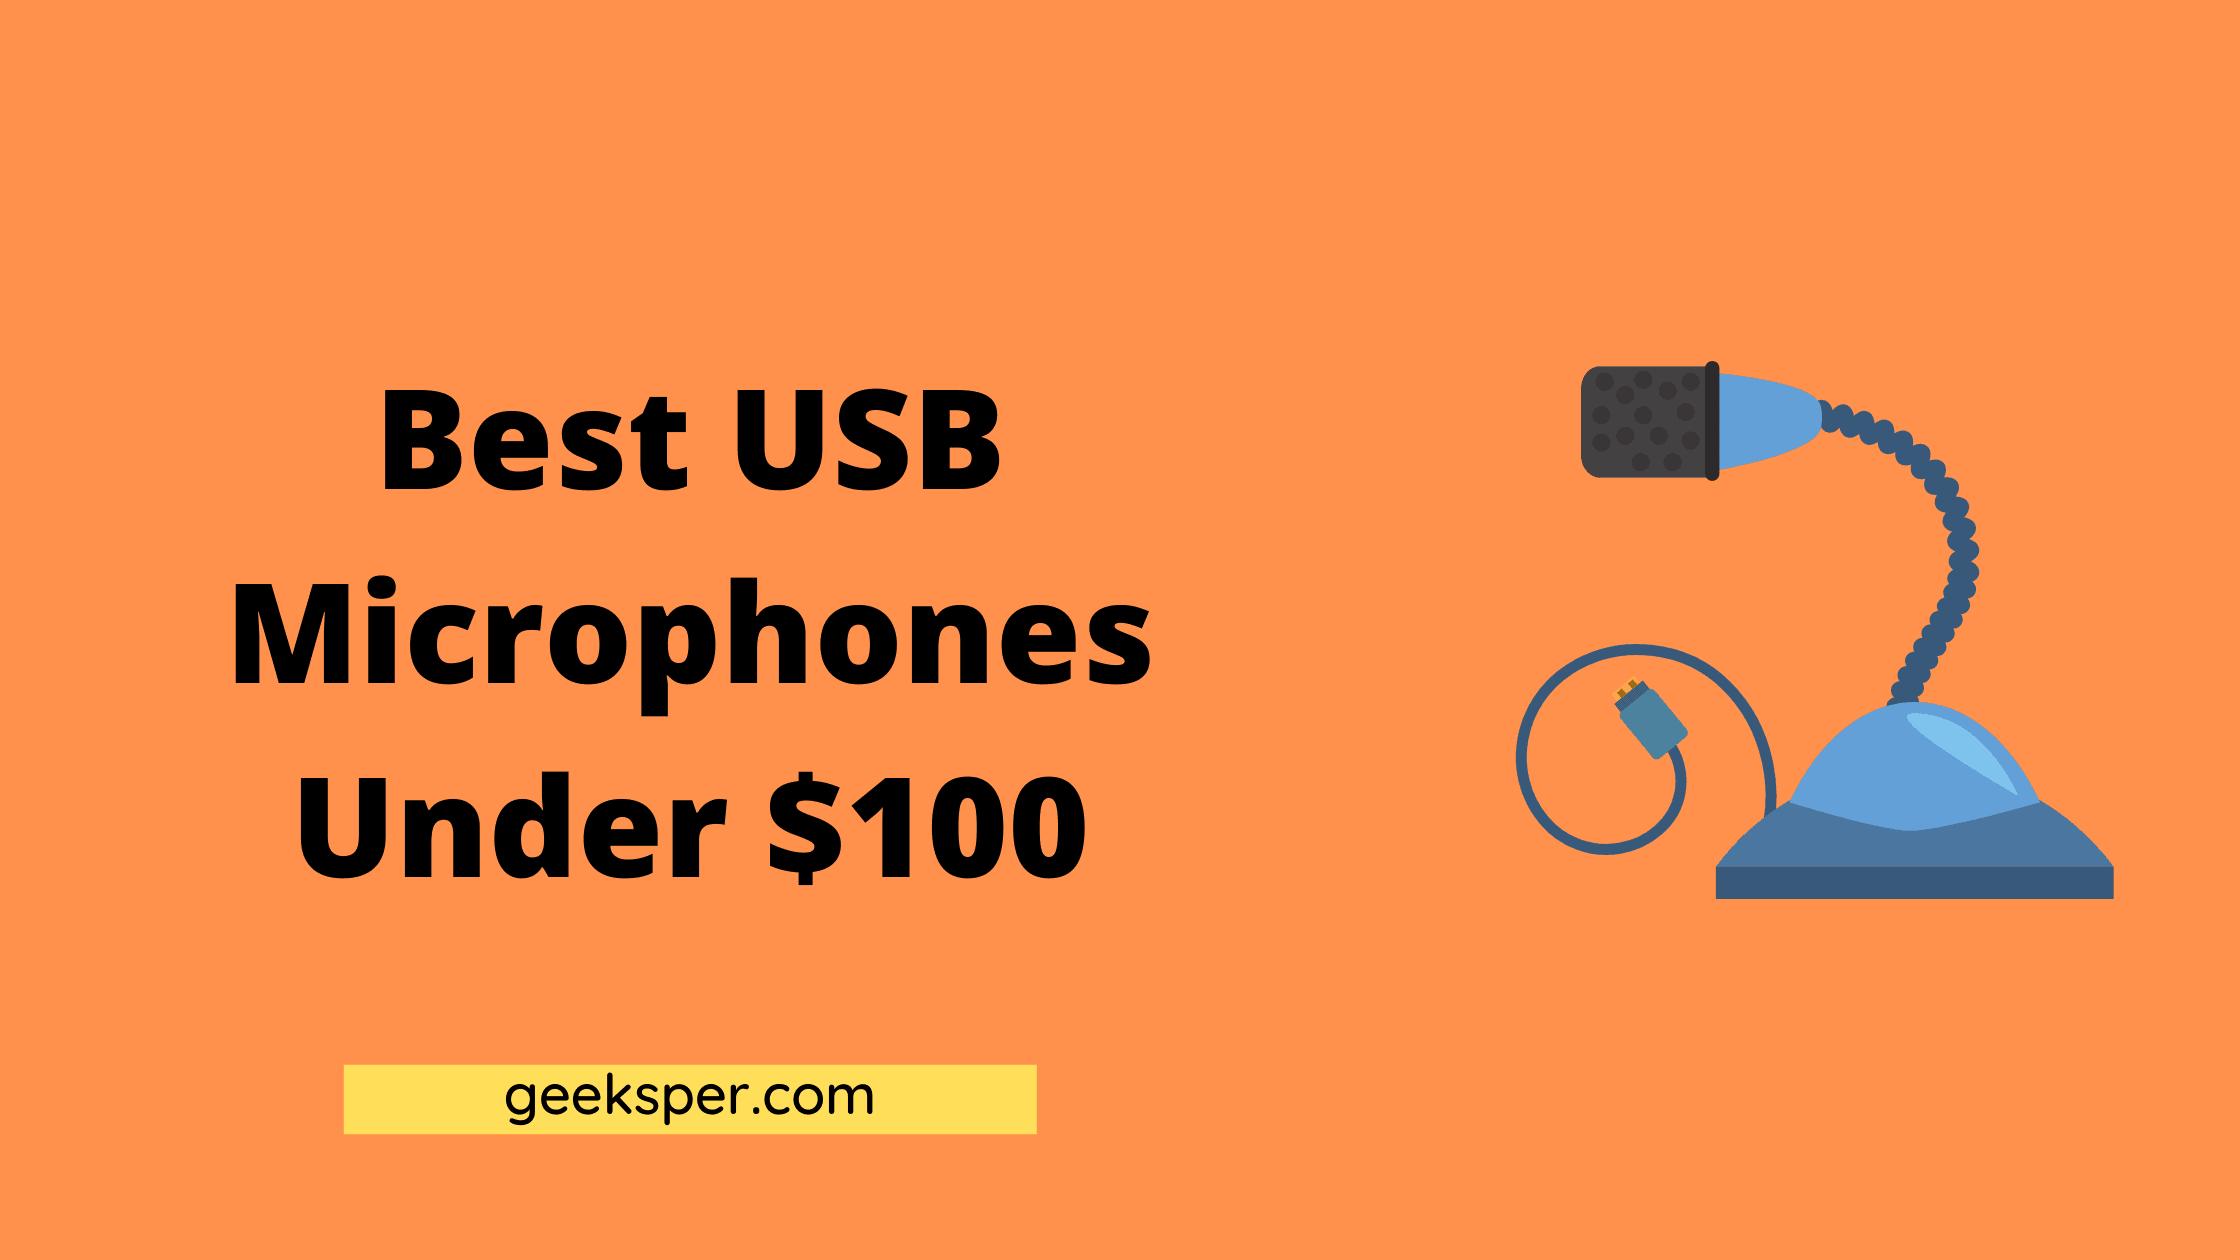 Best USB Microphones Under $100